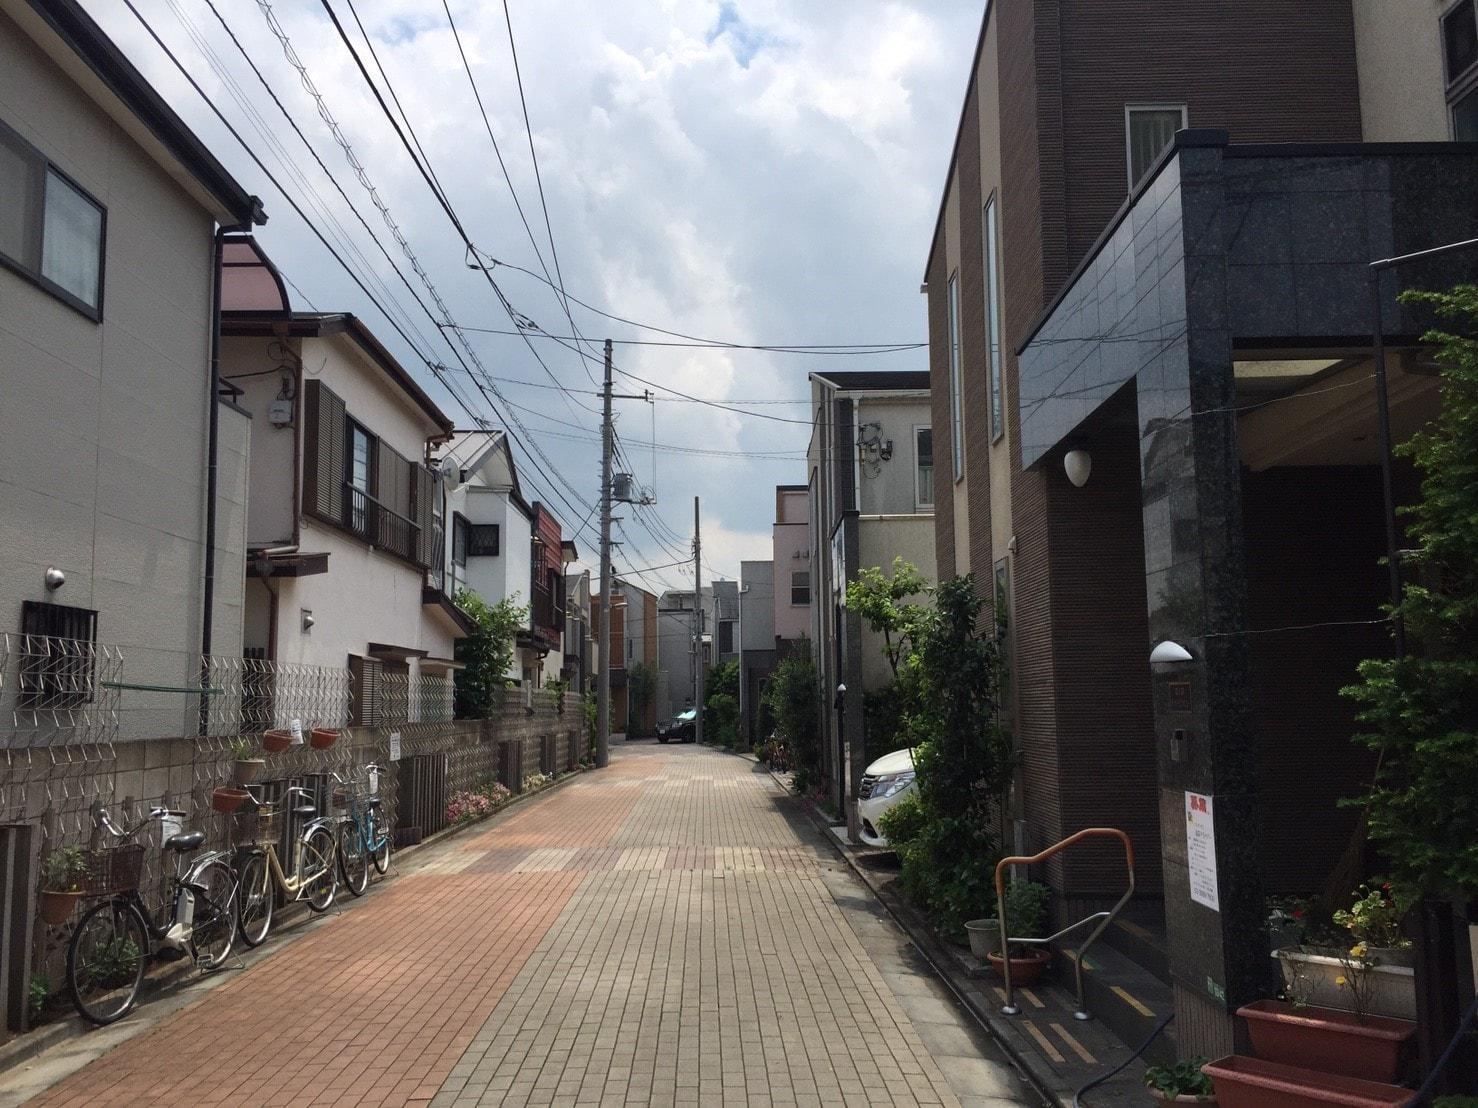 人通りが無く閑散とした住宅街の風景